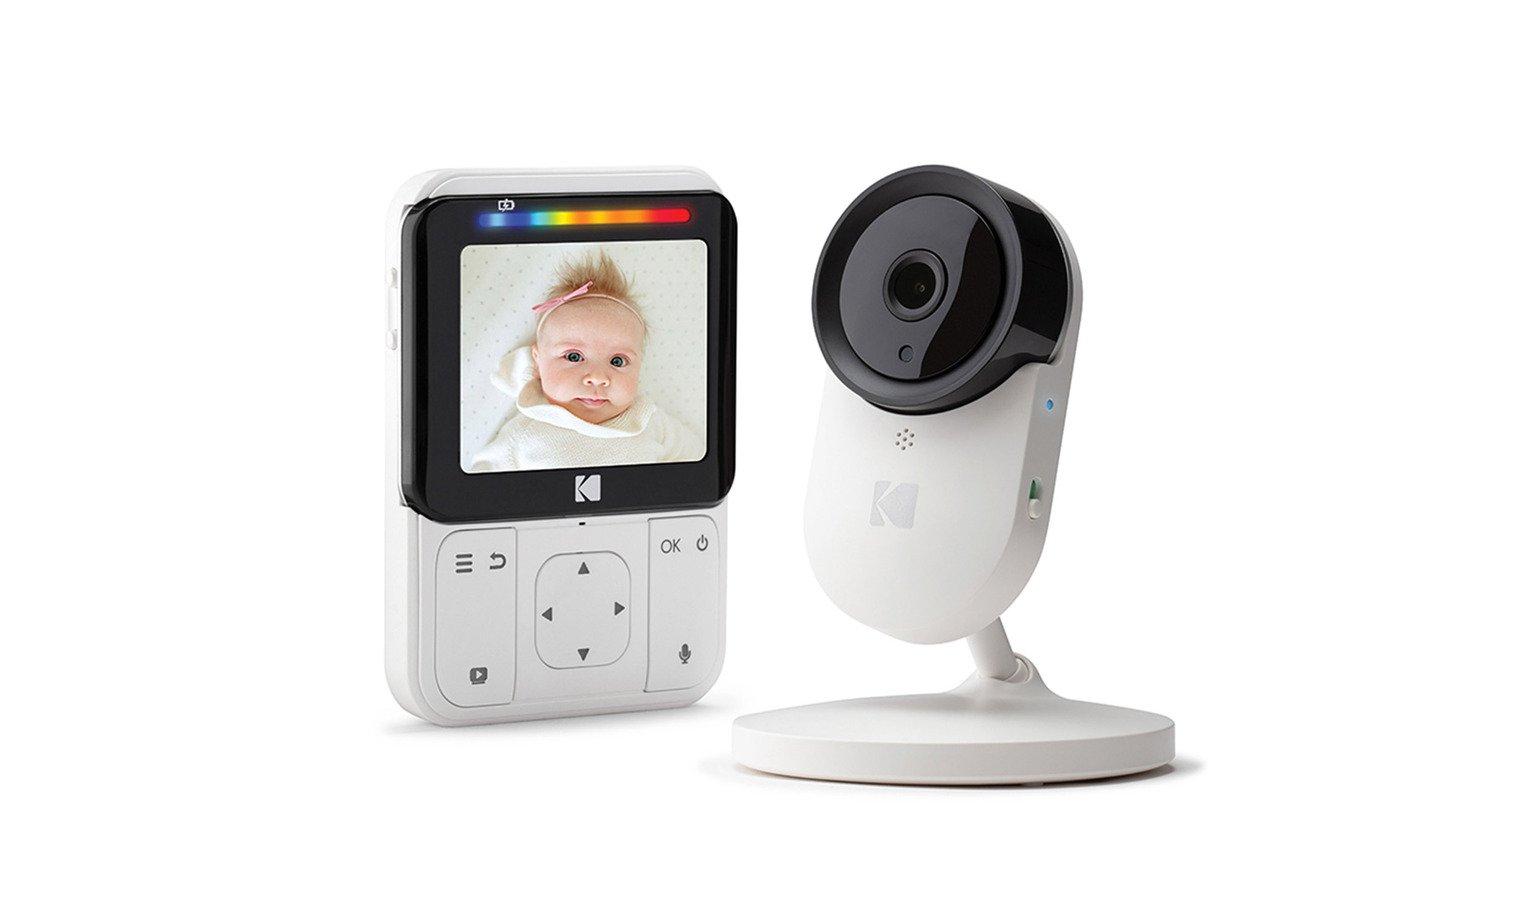 Kodak Cherish C220 2.8 Inch Smart Video Baby Monitor